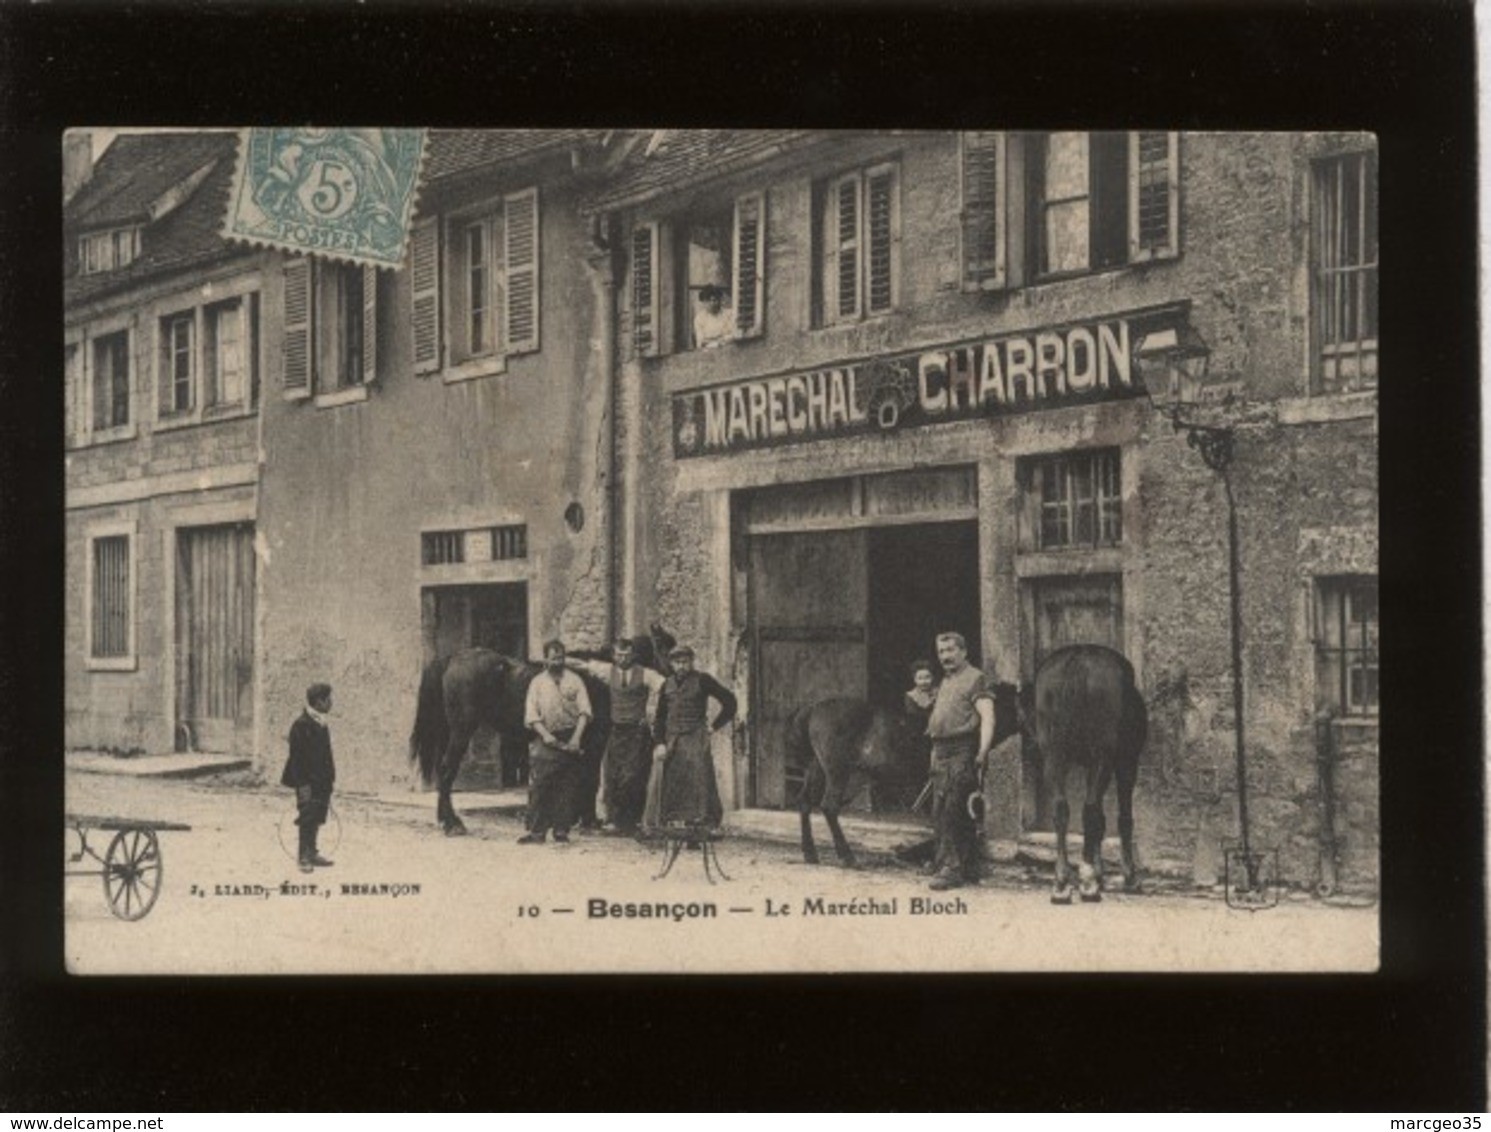 25 Besançon Le Maréchal Bloch édit. Liard N° 10 Marechal Charron , Rare , Métier - Besancon